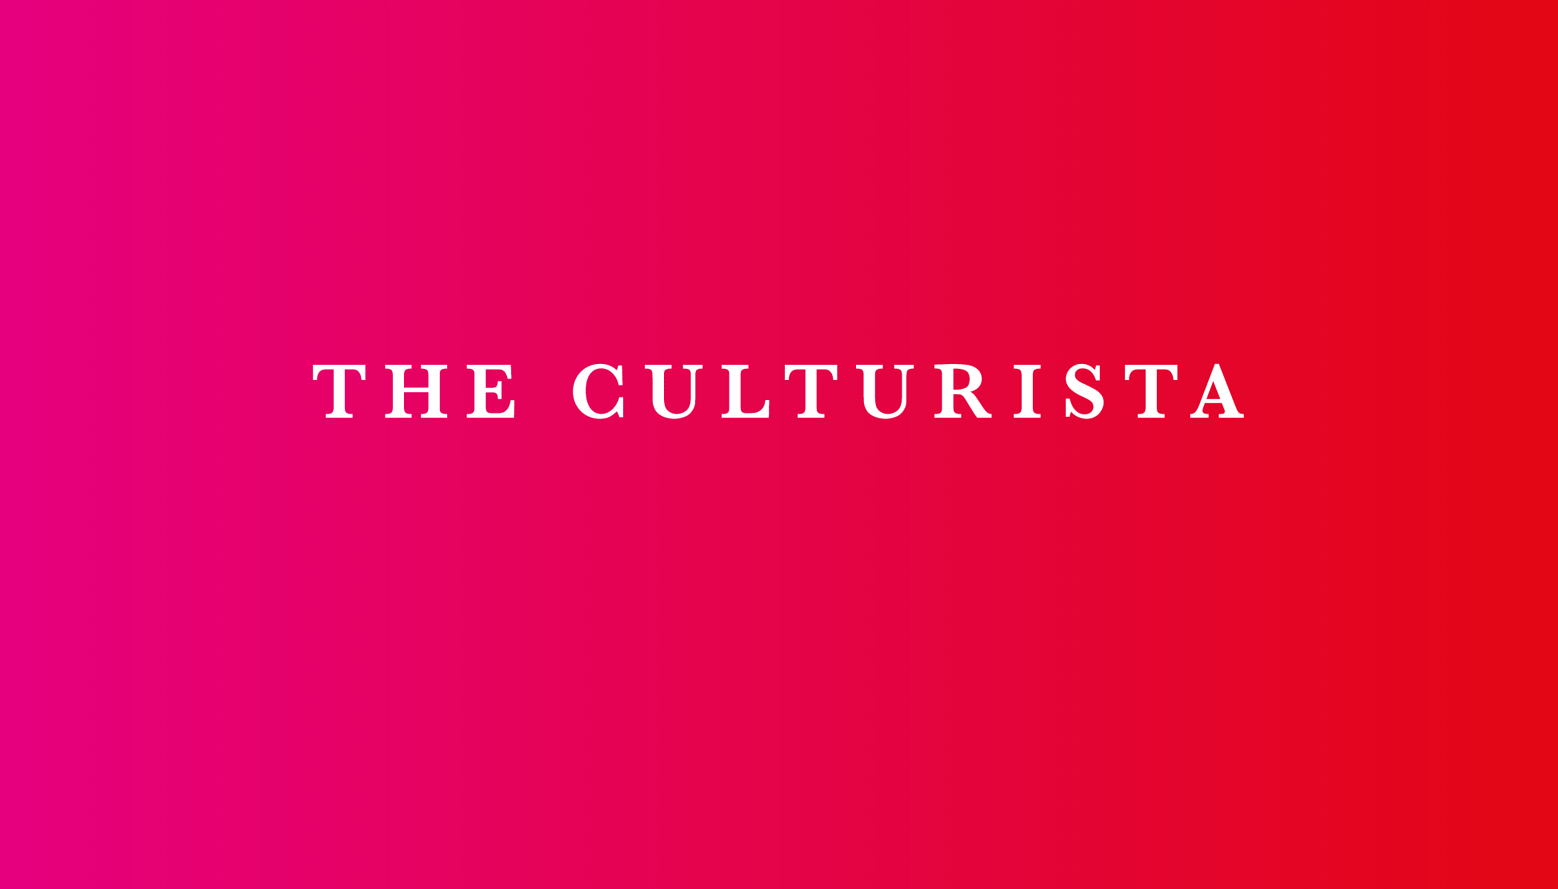 Anoushka_Khandwala_logo_for_the_Culturista.jpg